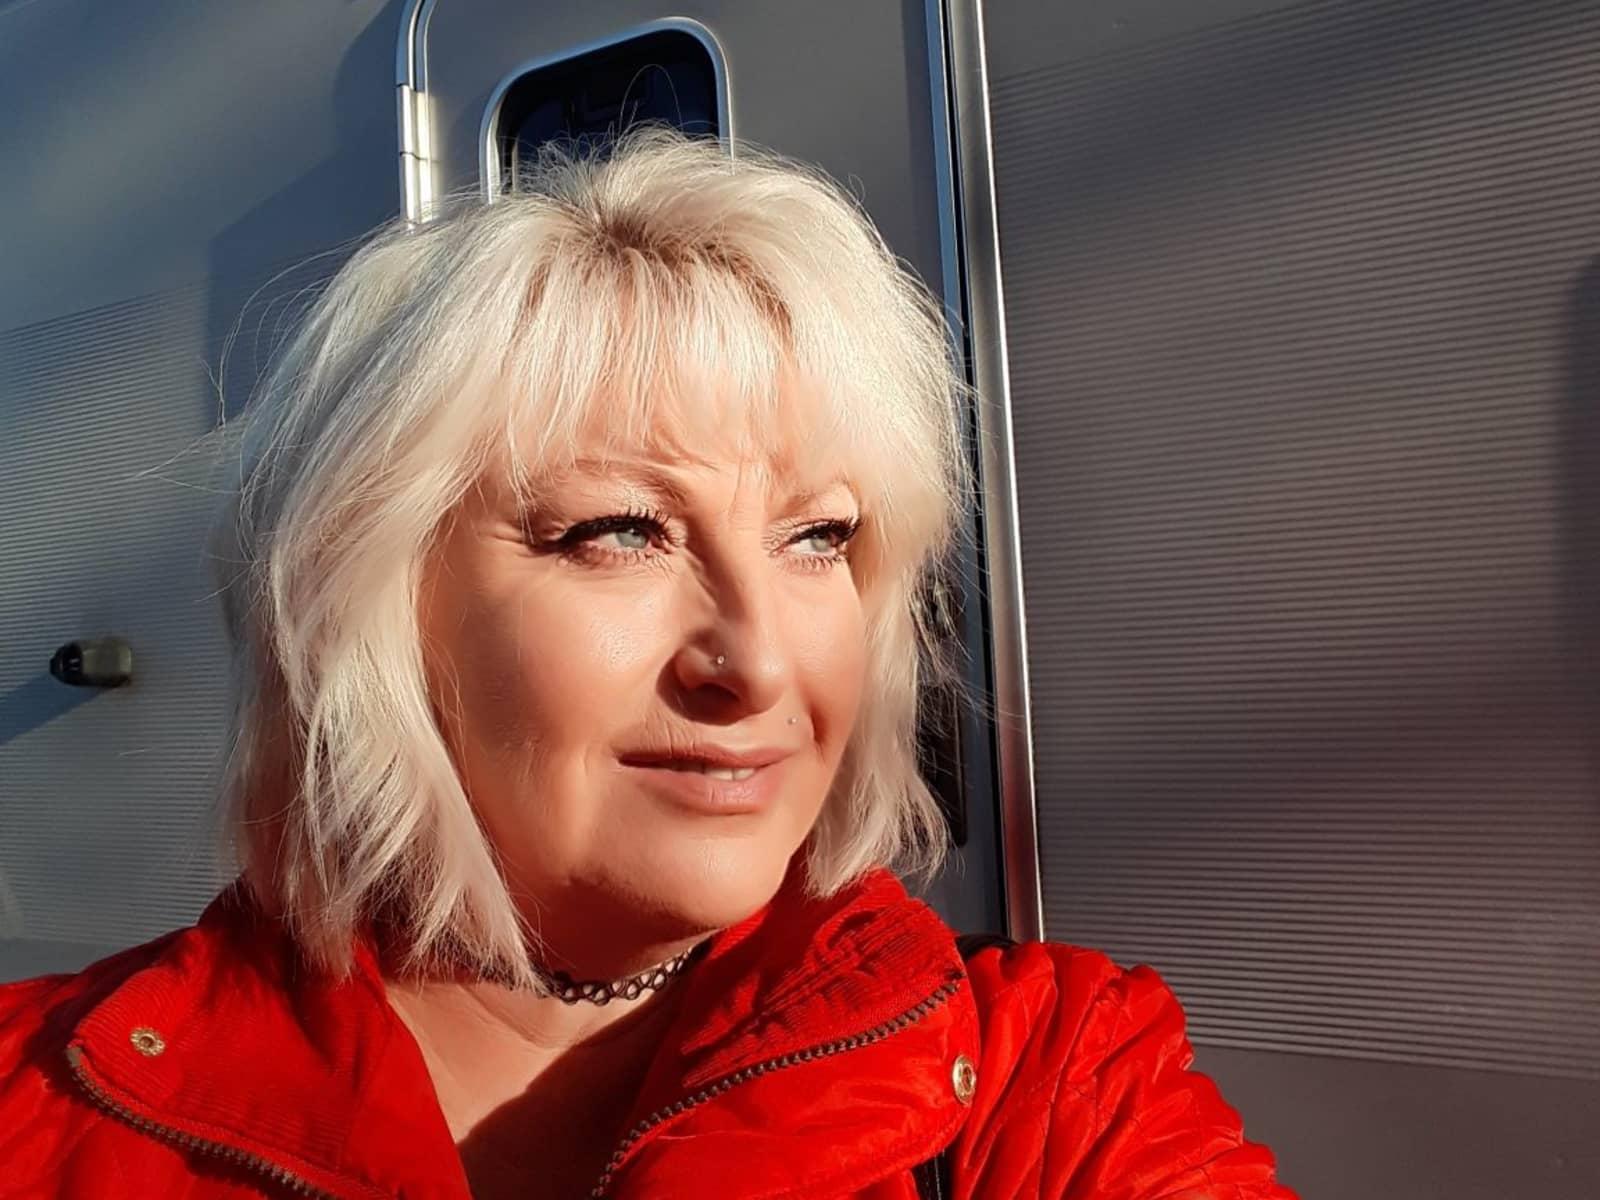 Karen from Doncaster, United Kingdom